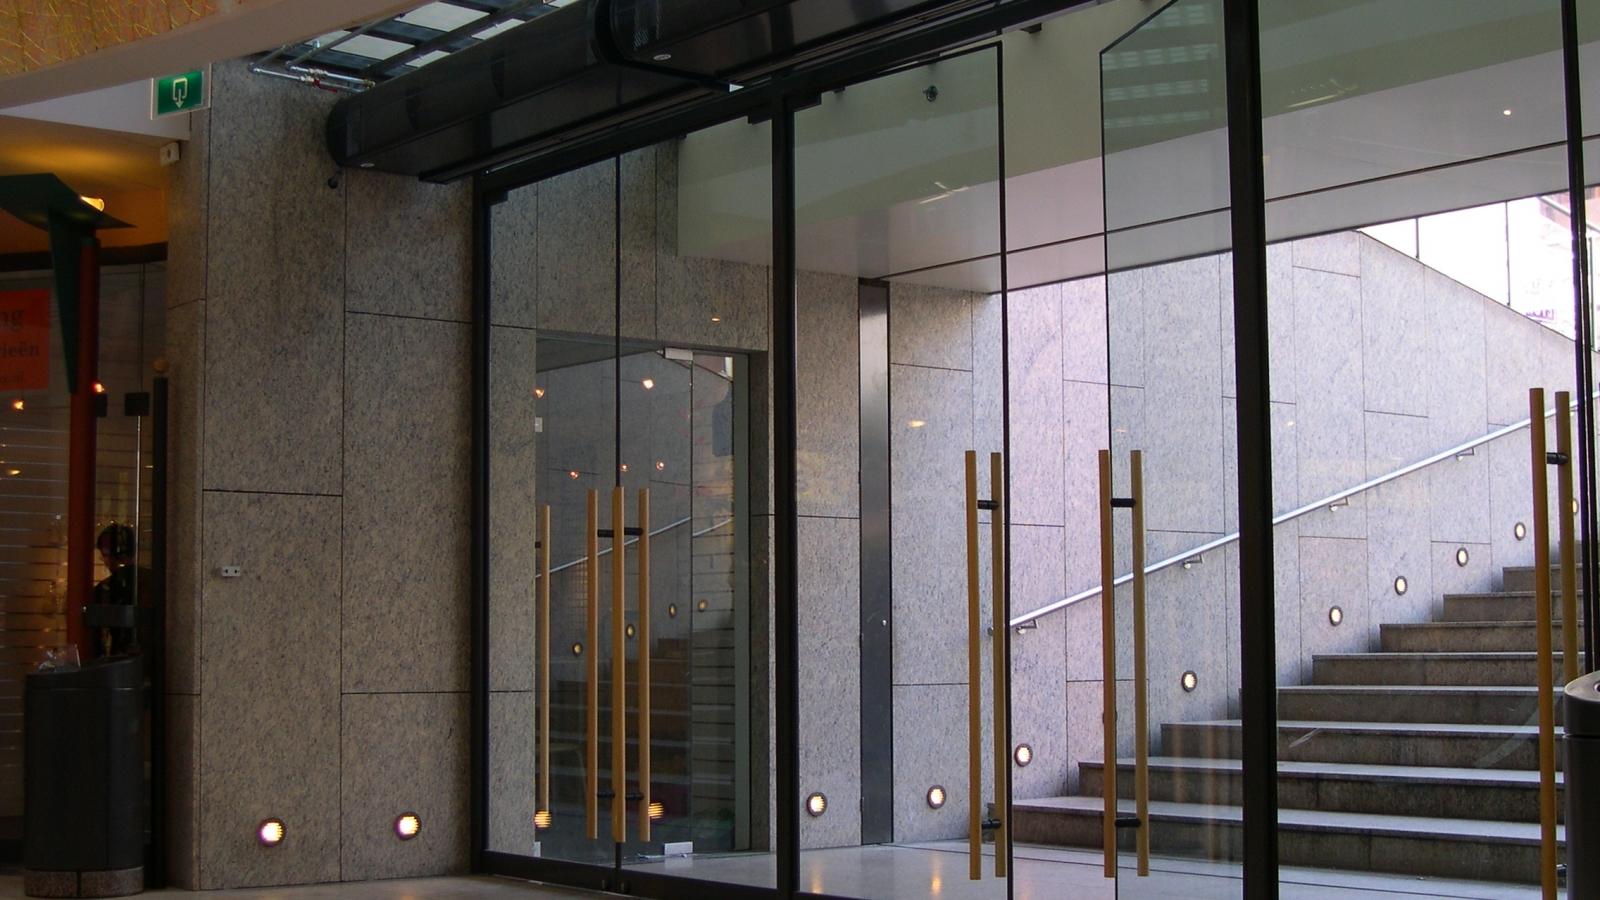 Winkelcentrum Oranjerie Apeldoorn